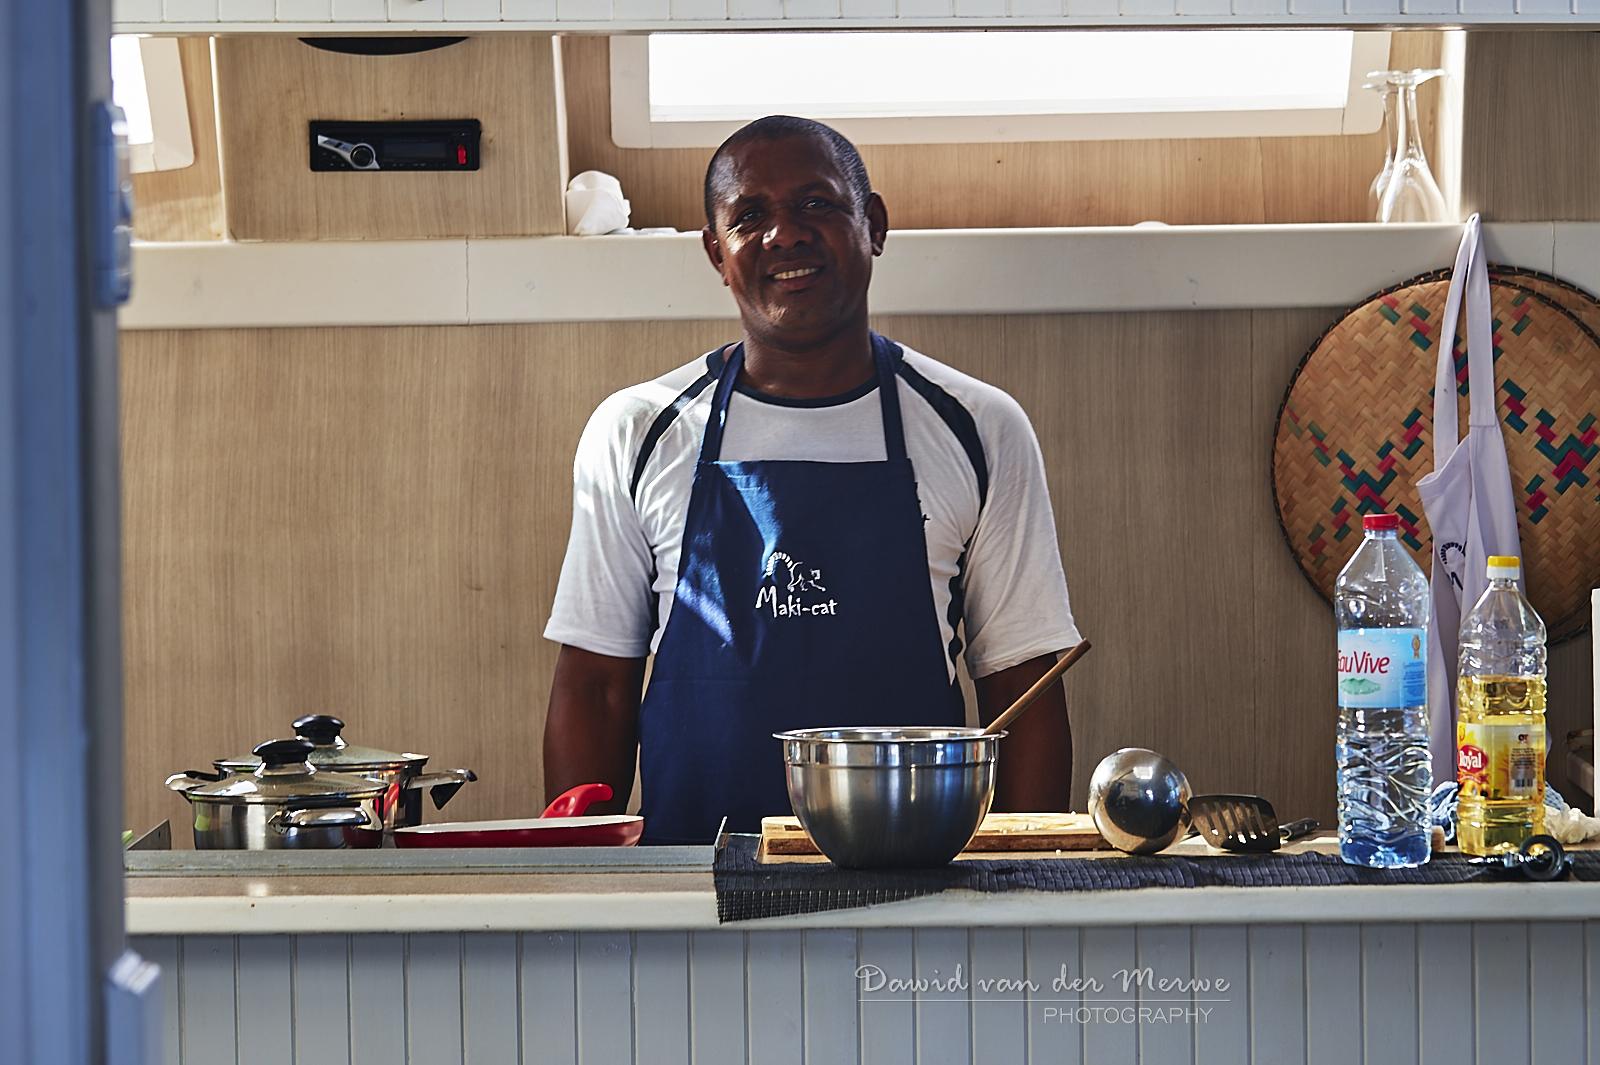 The chef aboard the Maki Cat